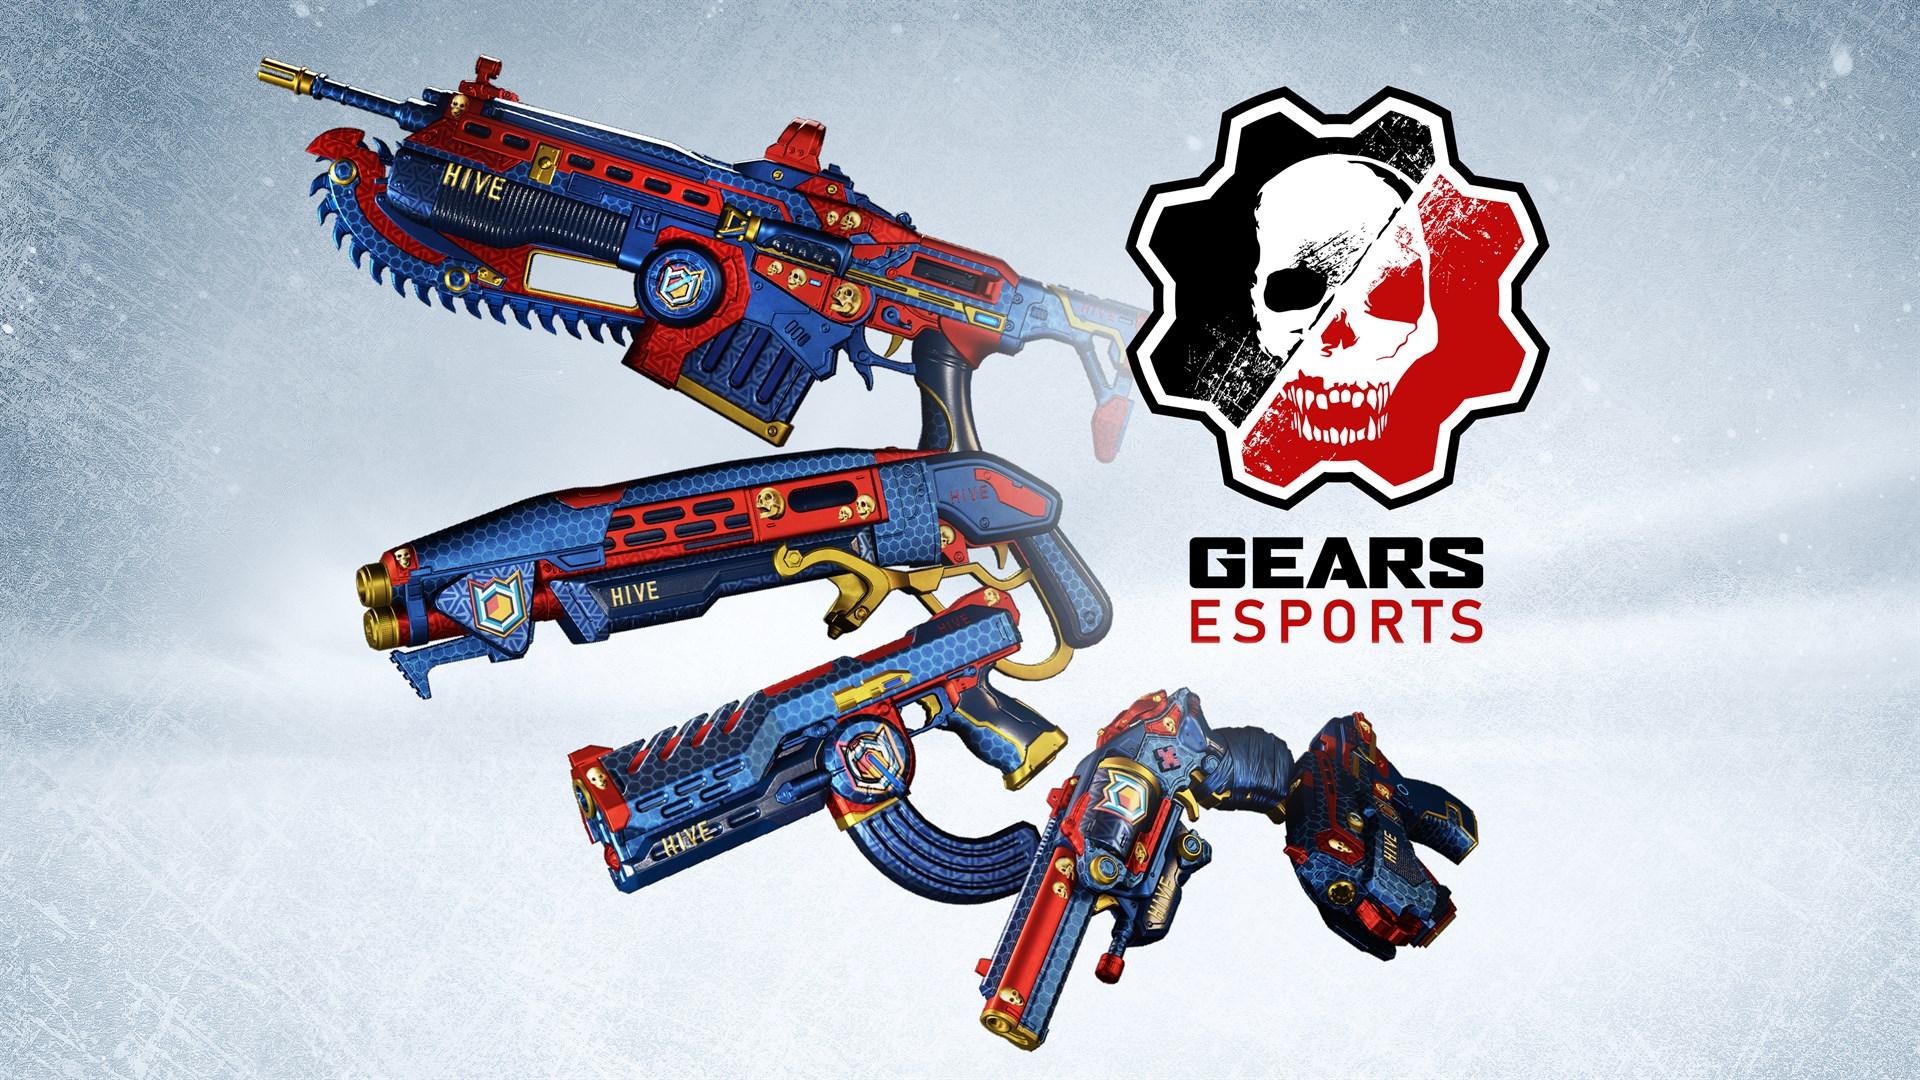 Gears Esports – Hive Loadout Set